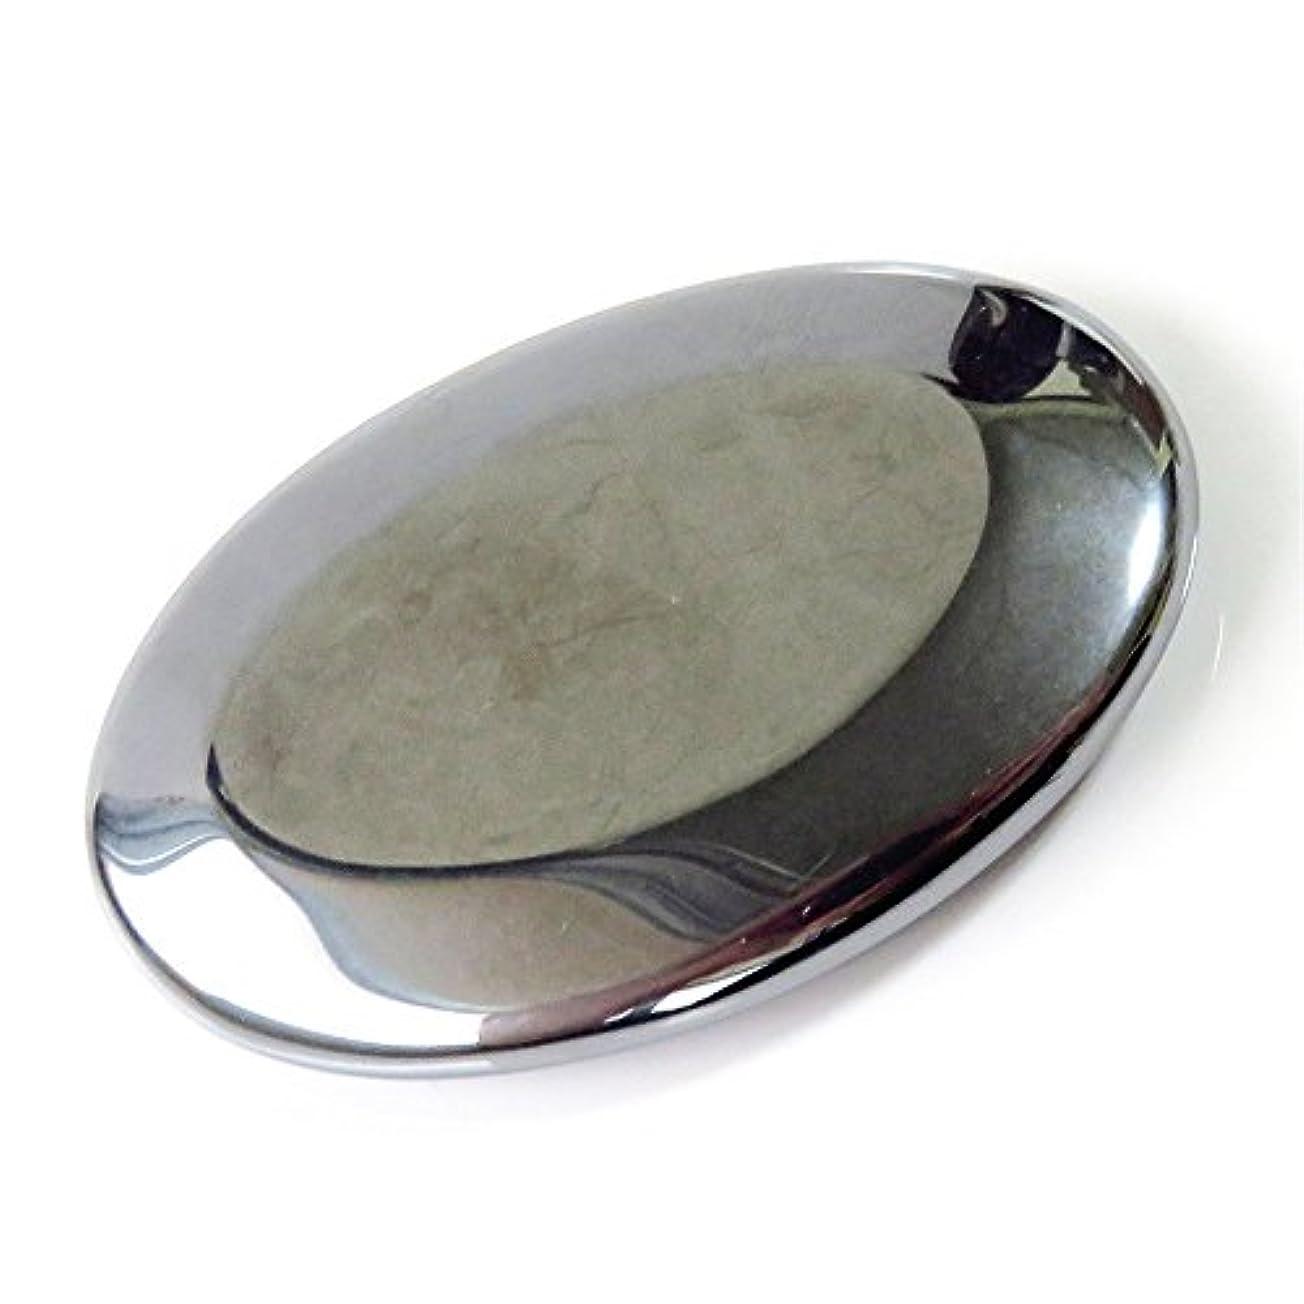 退屈なきょうだい直接エステ業界も注目 テラヘルツ鉱石かっさプレート 楕円型